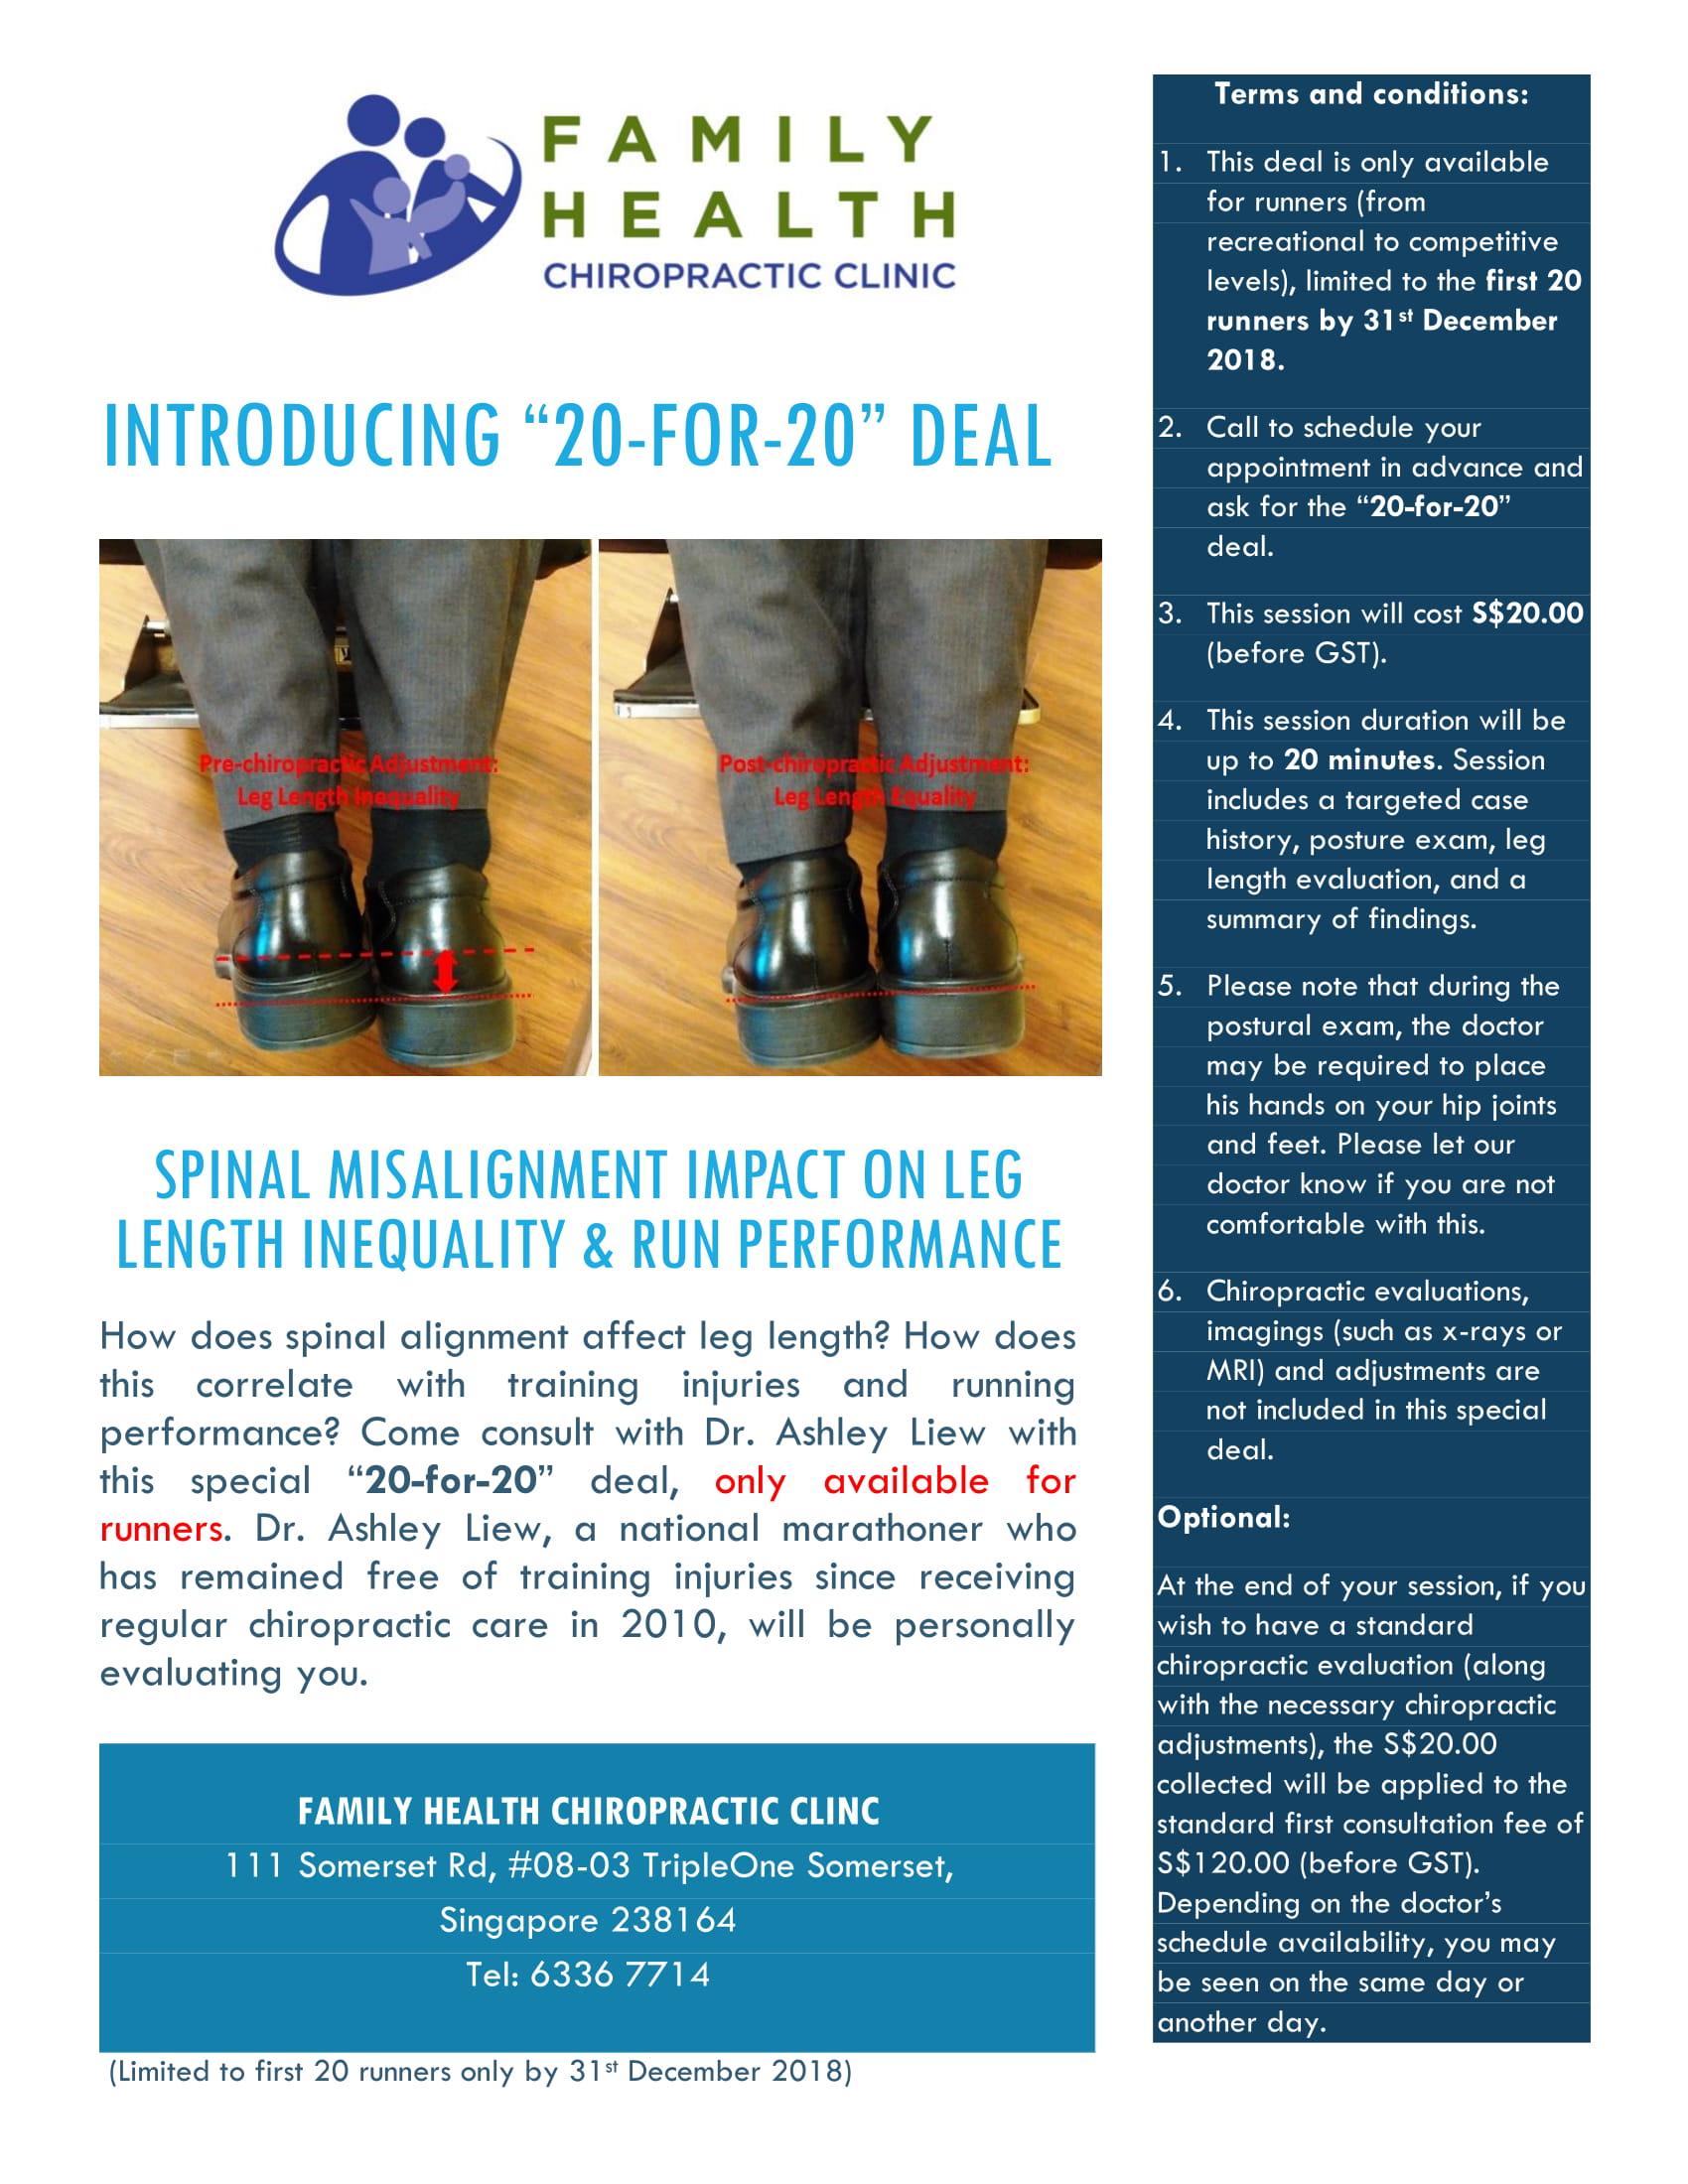 20-for-20 artwork - Spinal Misalignment Impact on Leg Length Inequality & Runner Performance v1.3 (PDF)-1.jpg